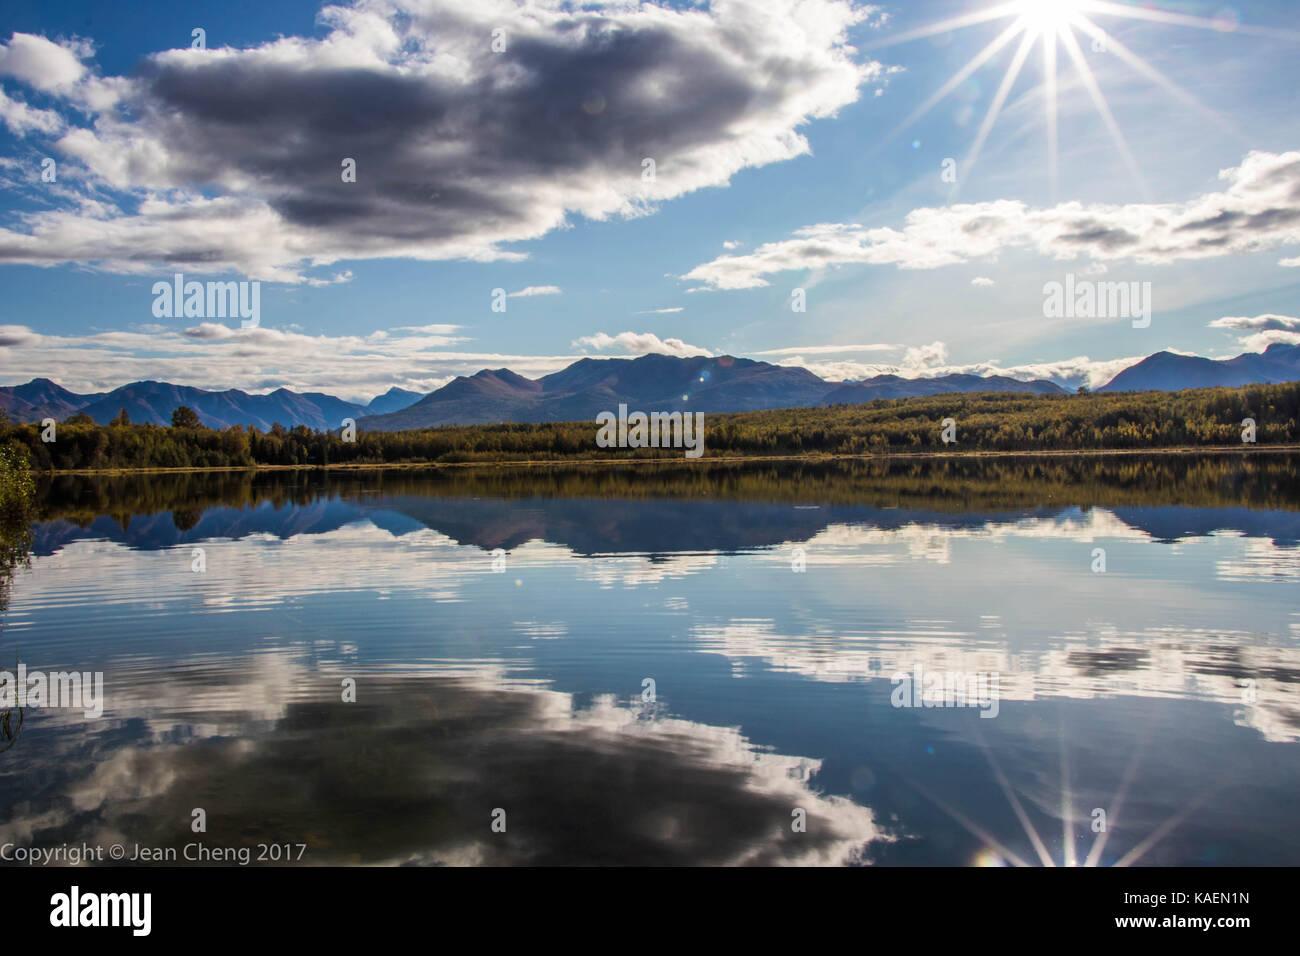 Peaceful reflection on Otter Lake - Stock Image